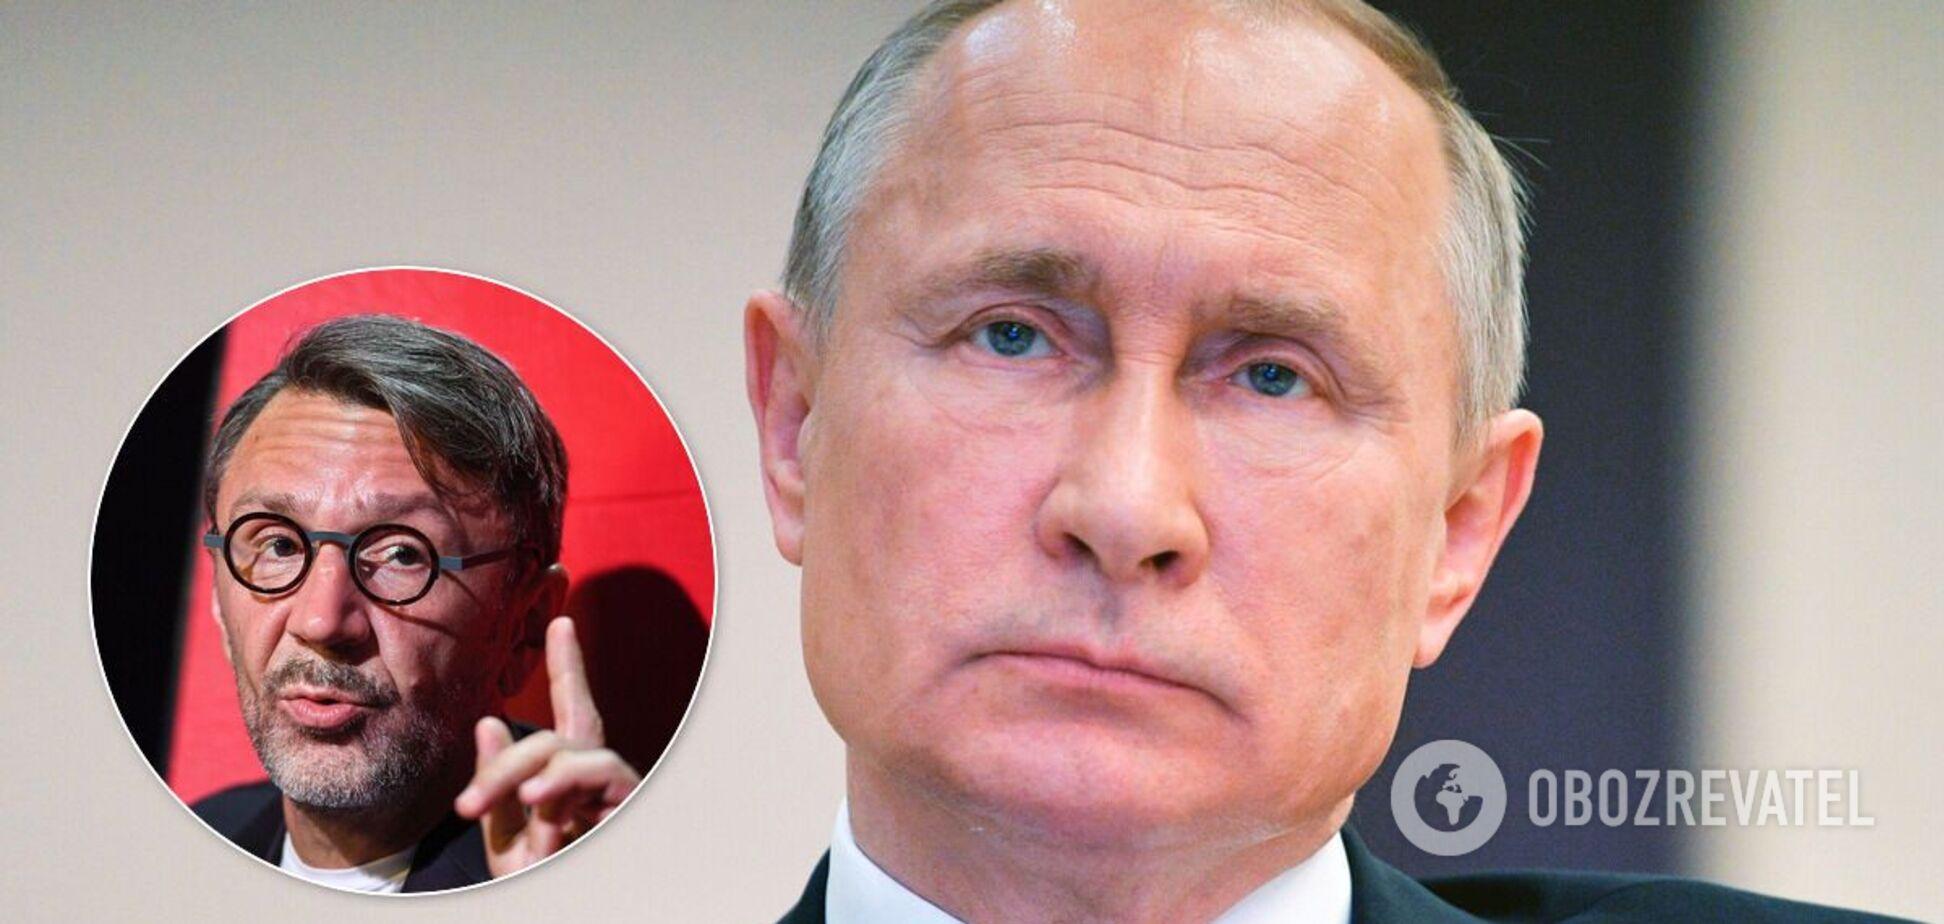 Путин резко ответил Шнурову на вопрос о Трампе и назвал это провокацией